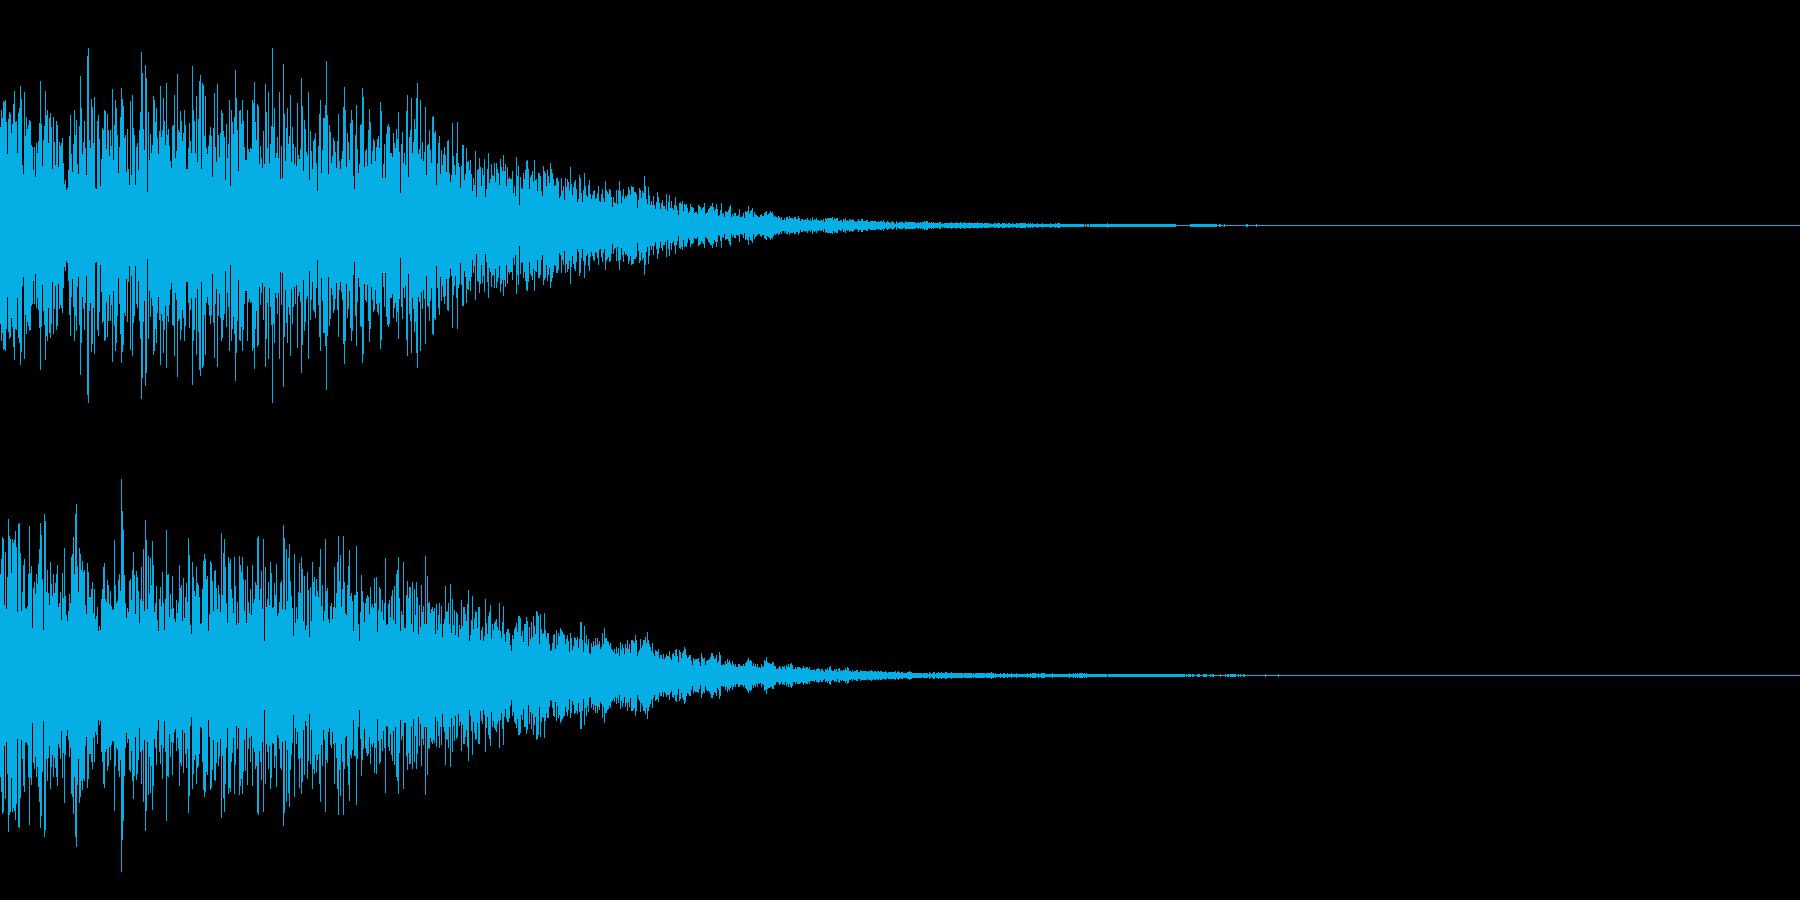 宇宙空間の爆発や警報の為の効果音の再生済みの波形